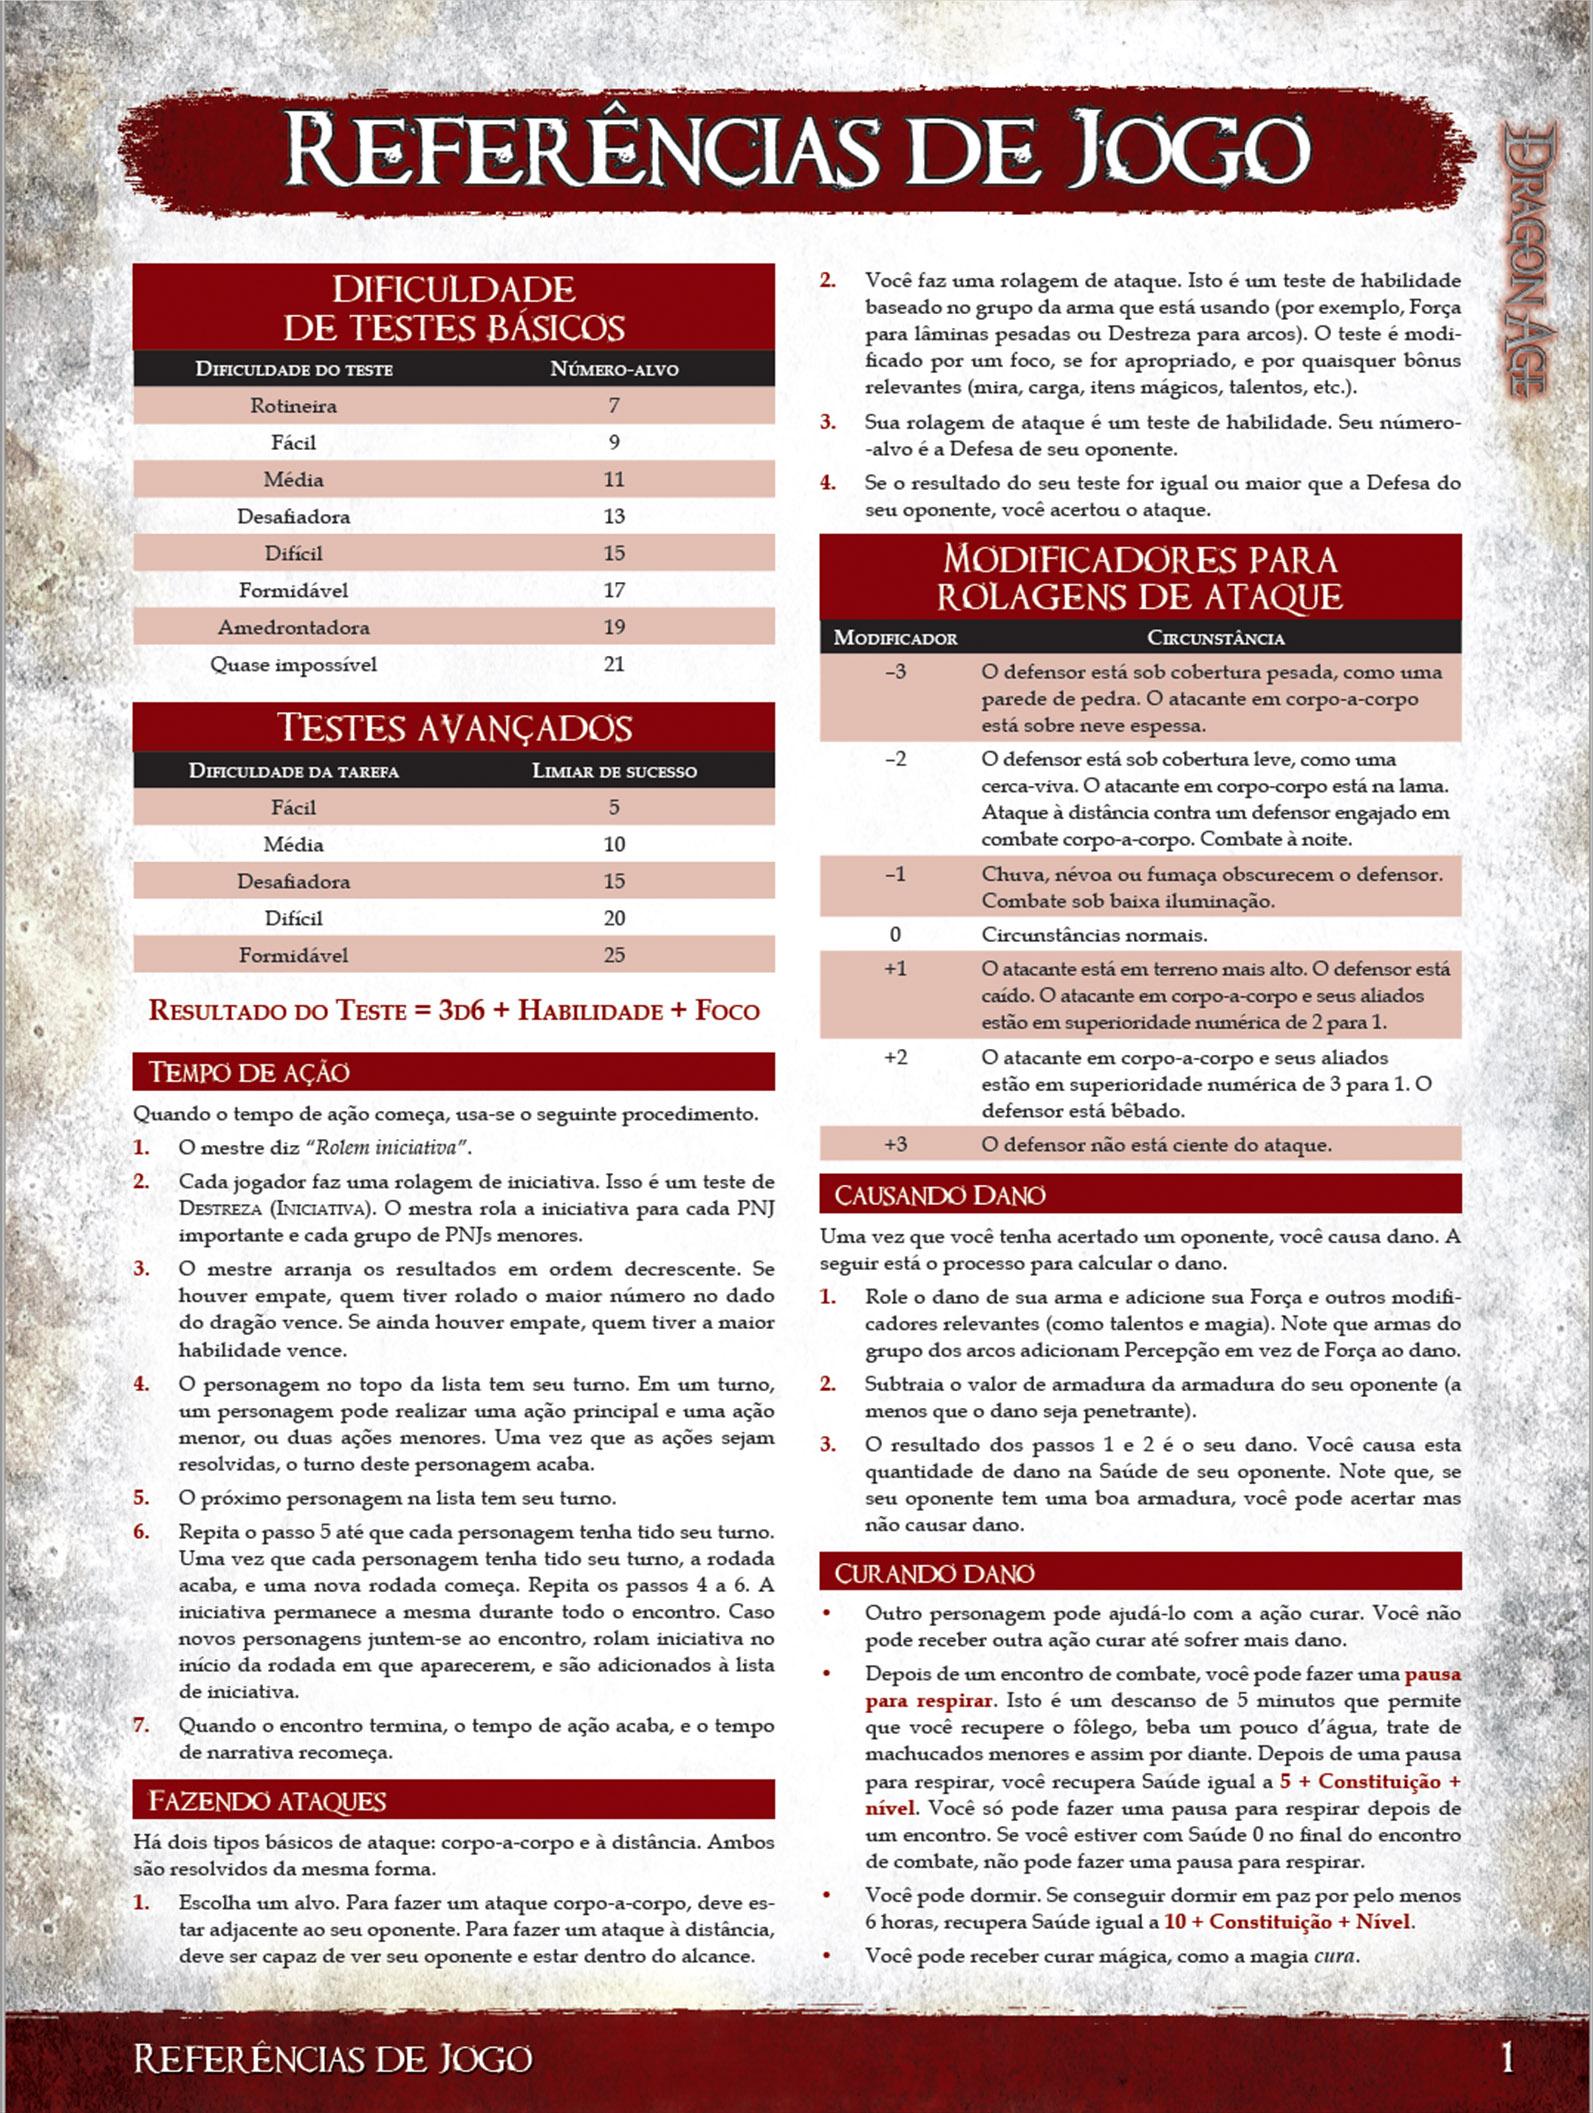 Link para download de referências de jogo para Drangon Age